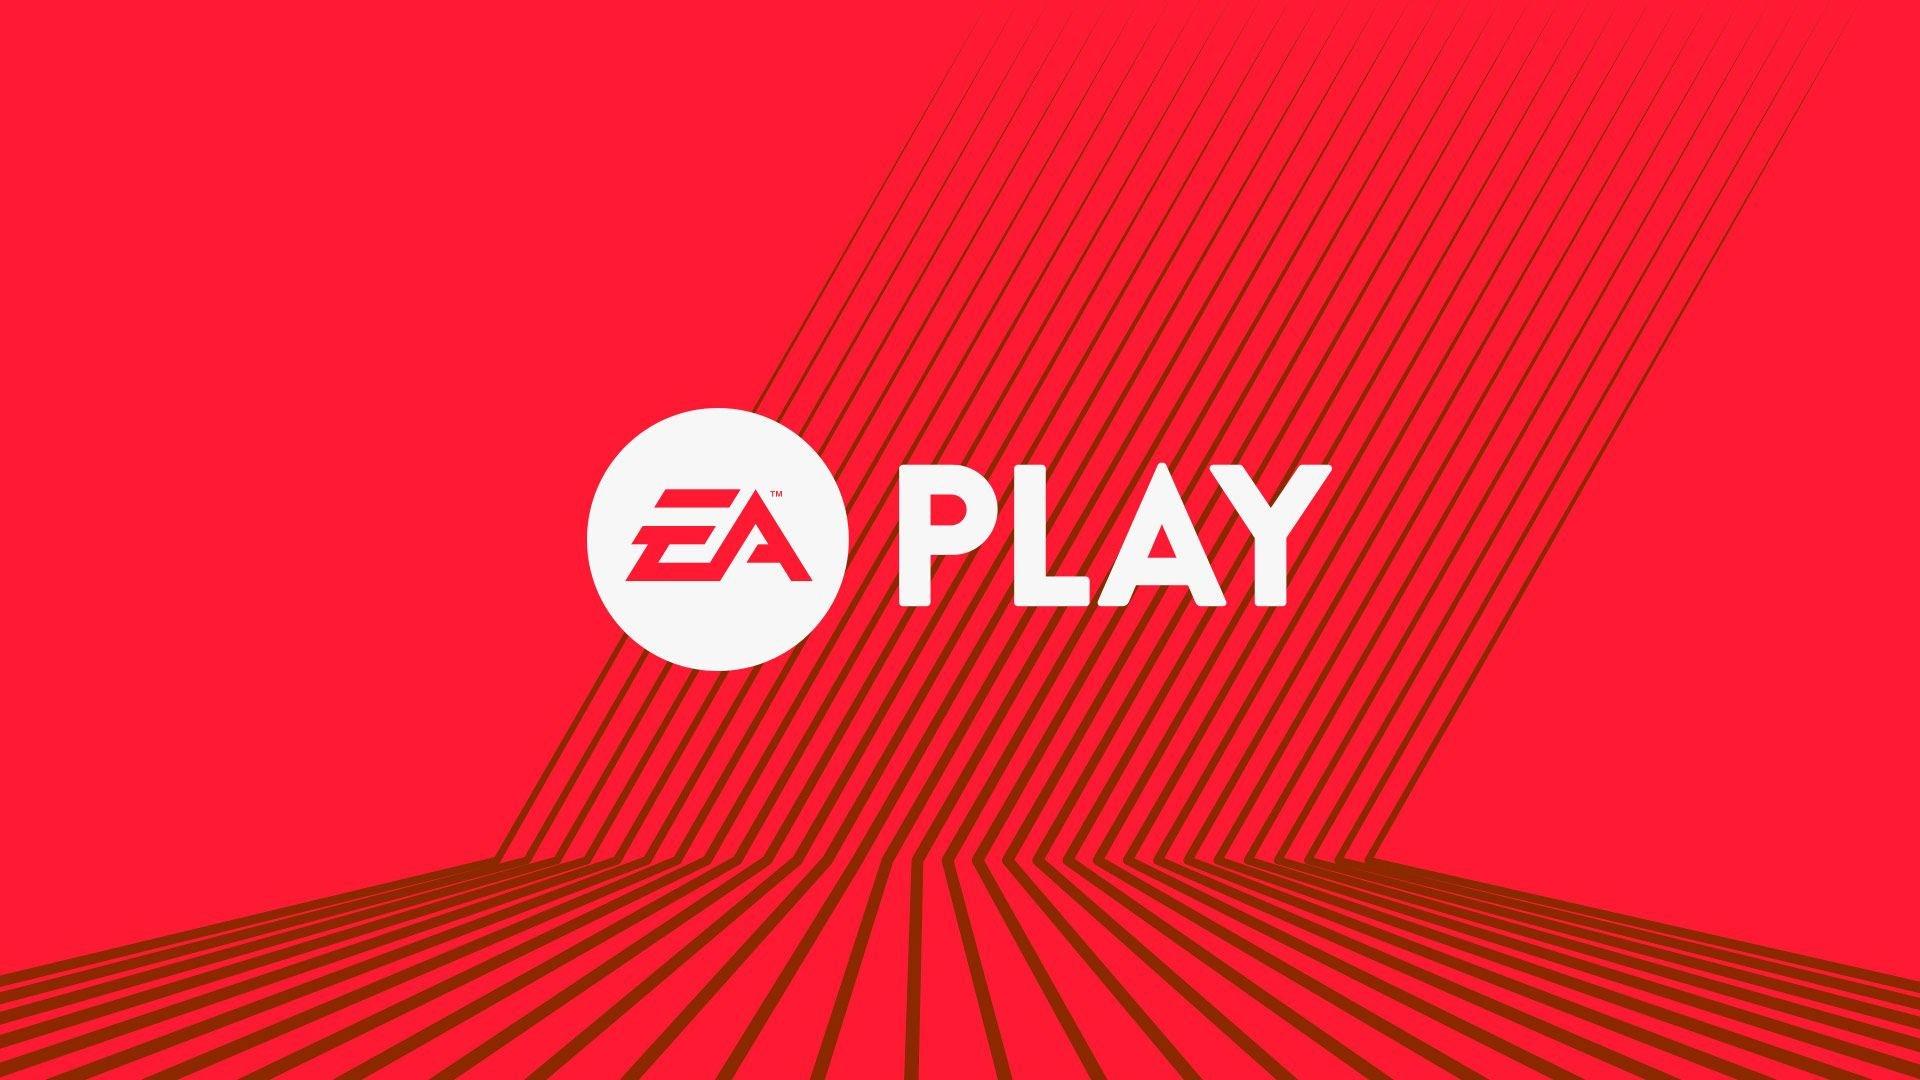 تخفیف بسیار خوب اشتراک EA Play برای کاربران تا ماه اسفند